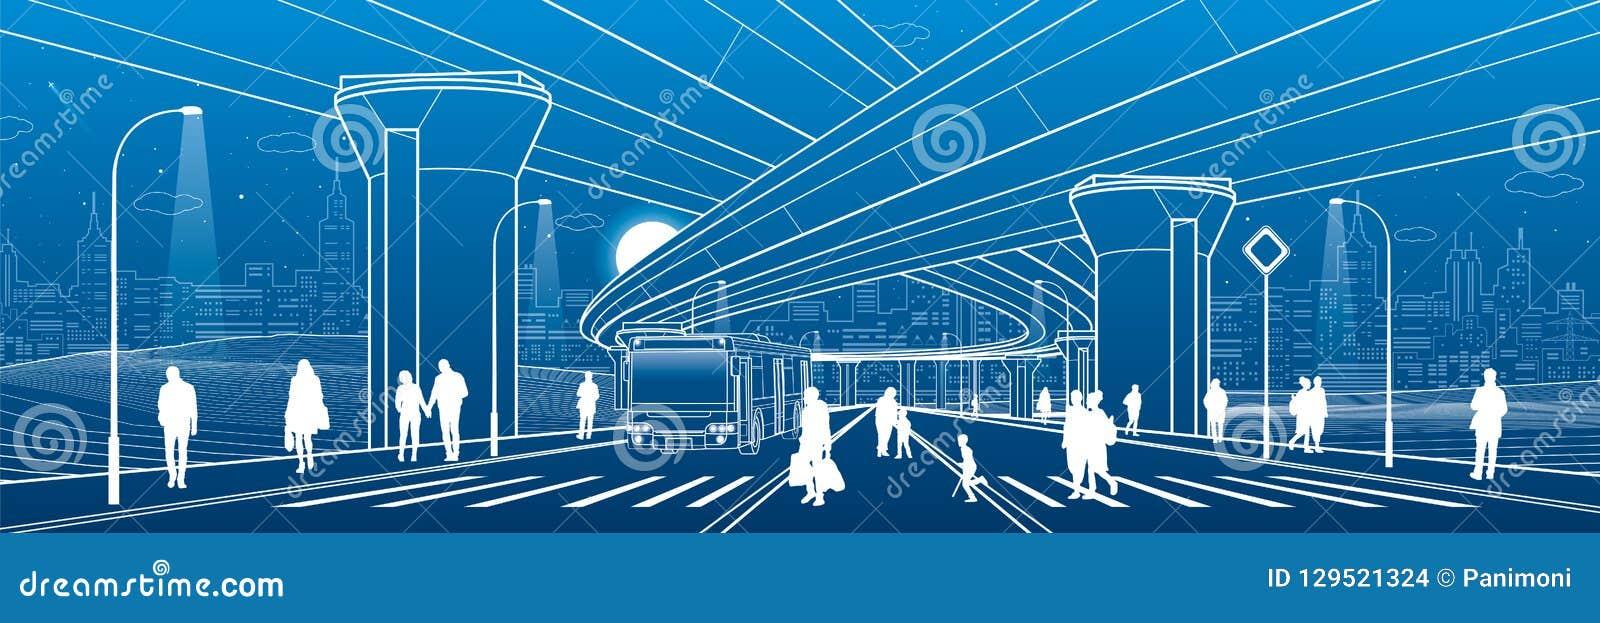 Architettura della città Illustrazione dell infrastruttura, passaggio di trasporto, grande ponte, scena urbana Movimento del bus